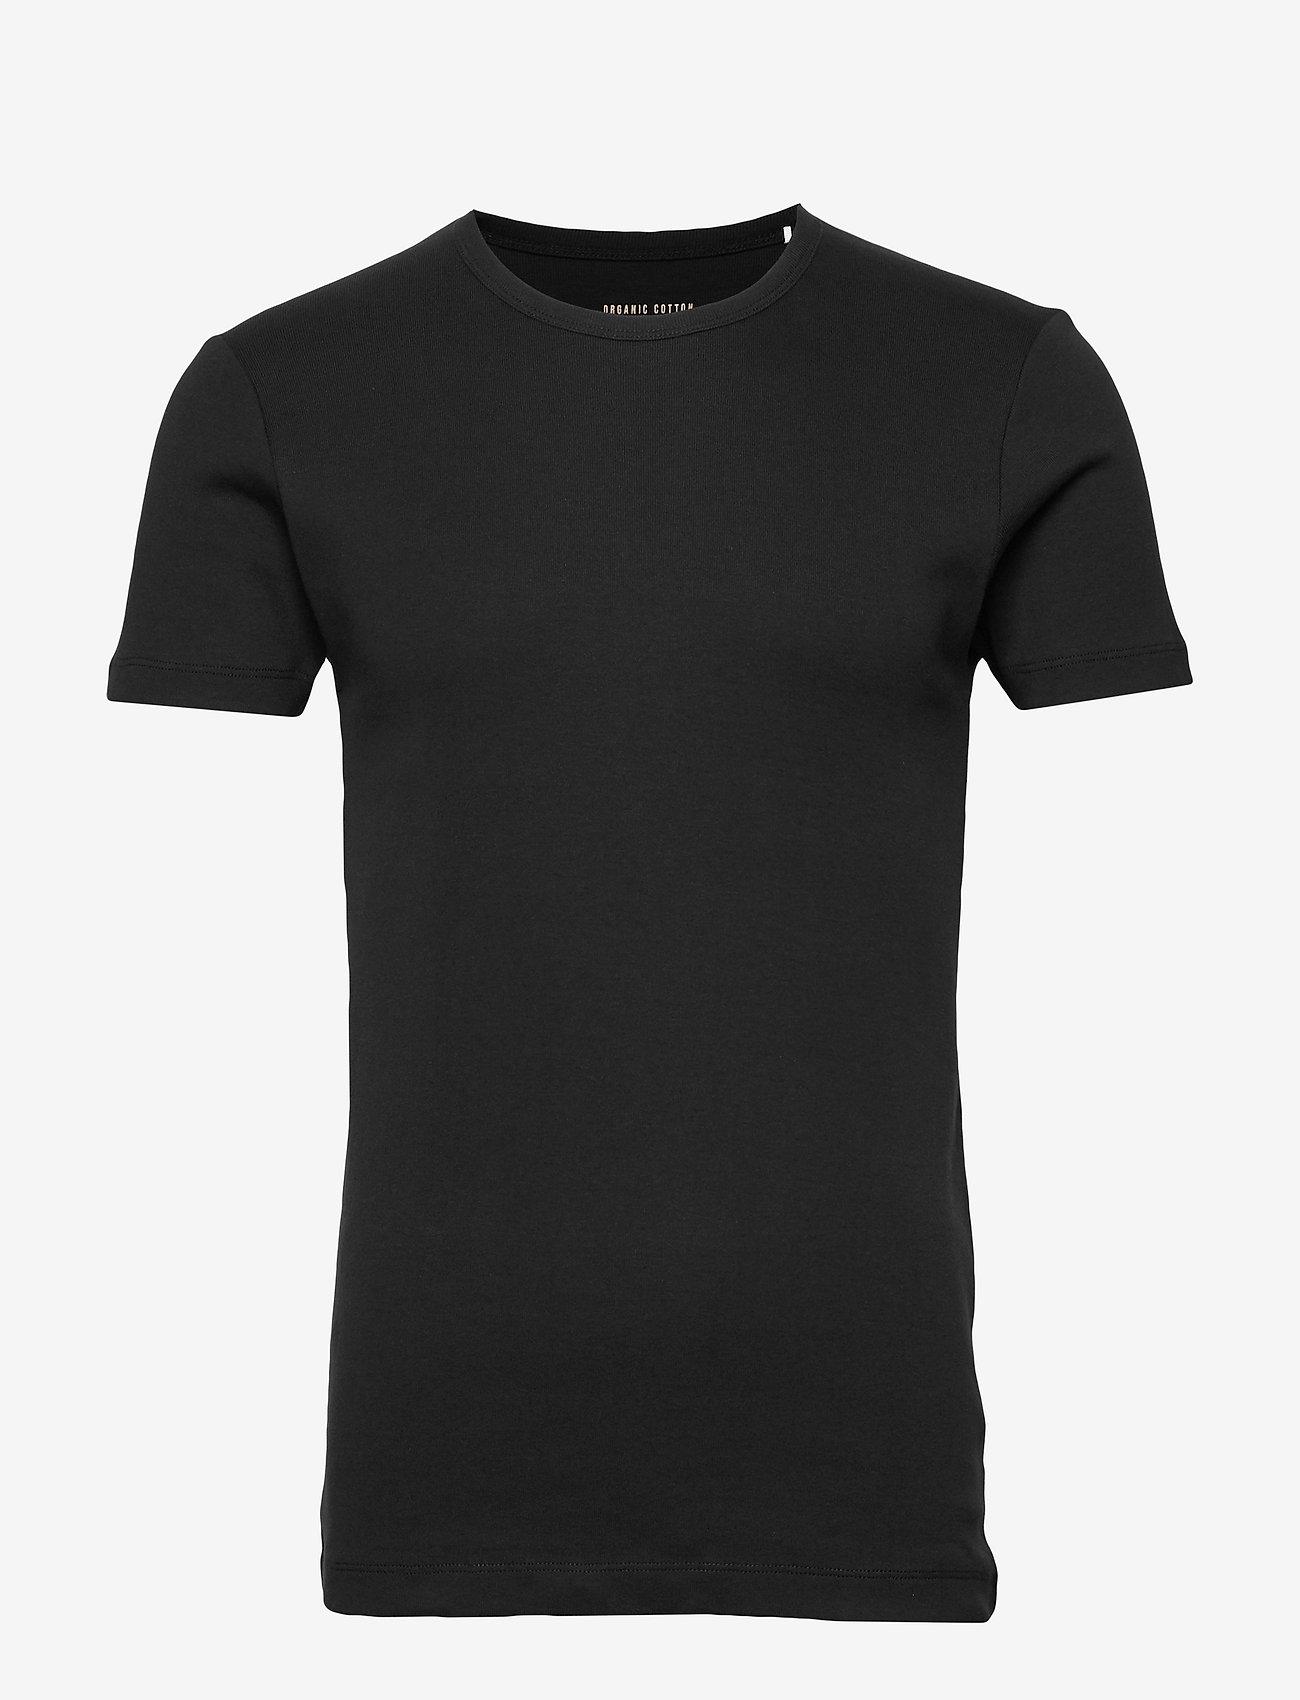 Esprit Casual - T-Shirts - t-shirts basiques - black - 0